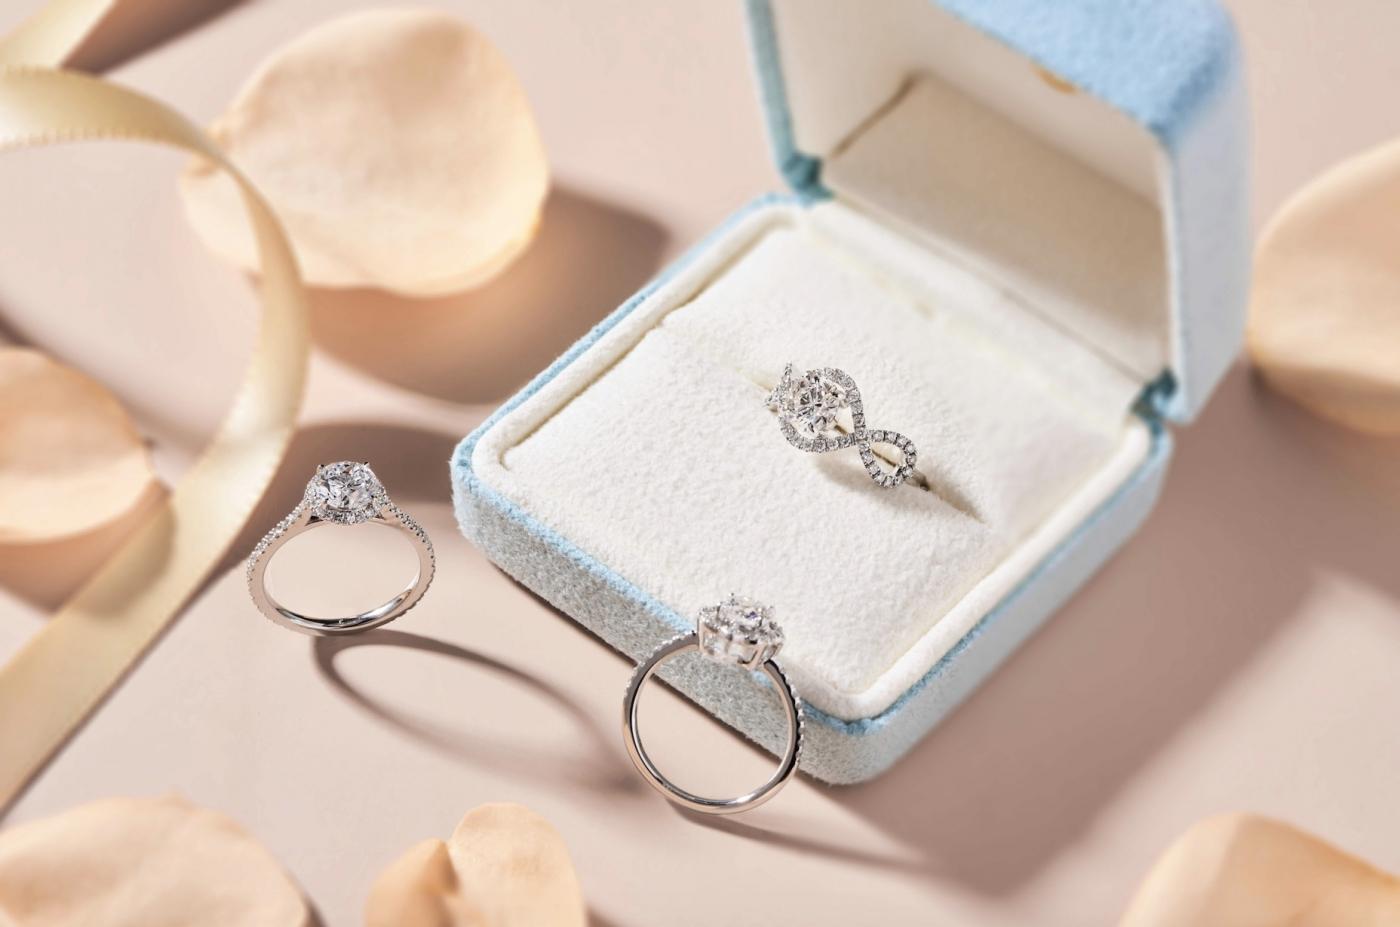 人工培育的「未來鑽石」價格僅1/4,為何難打動消費者?鑽石女王揭兩大難題